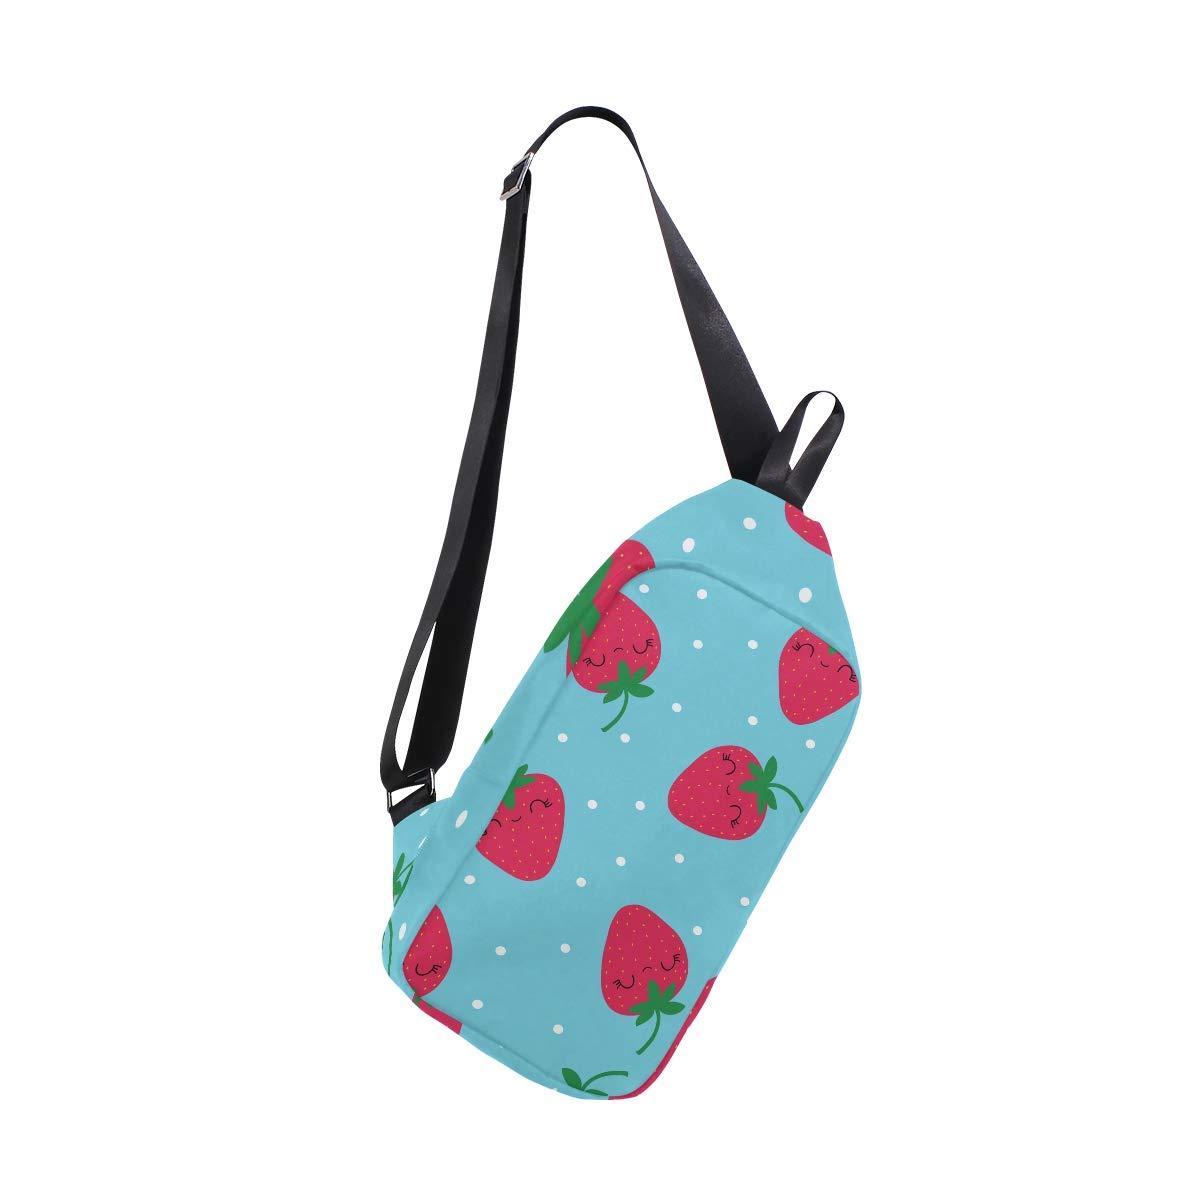 TFONE Strawberry Emoticons Pattern Crossbody Bag Lightweight Chest Shoulder Messenger Pack Backpack Sling Bag